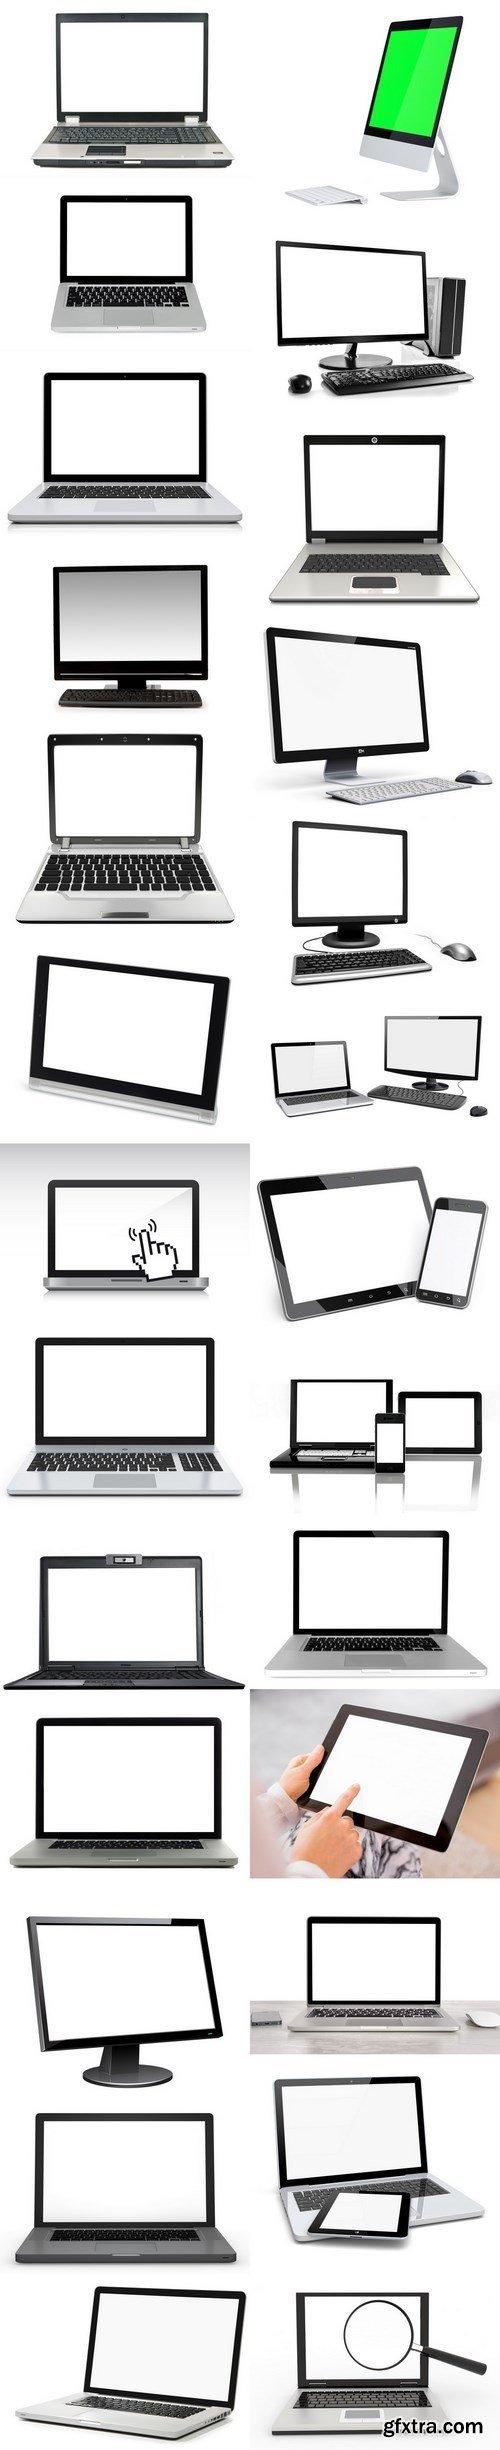 Computer, notebook, laptop - 26xHQ JPEG